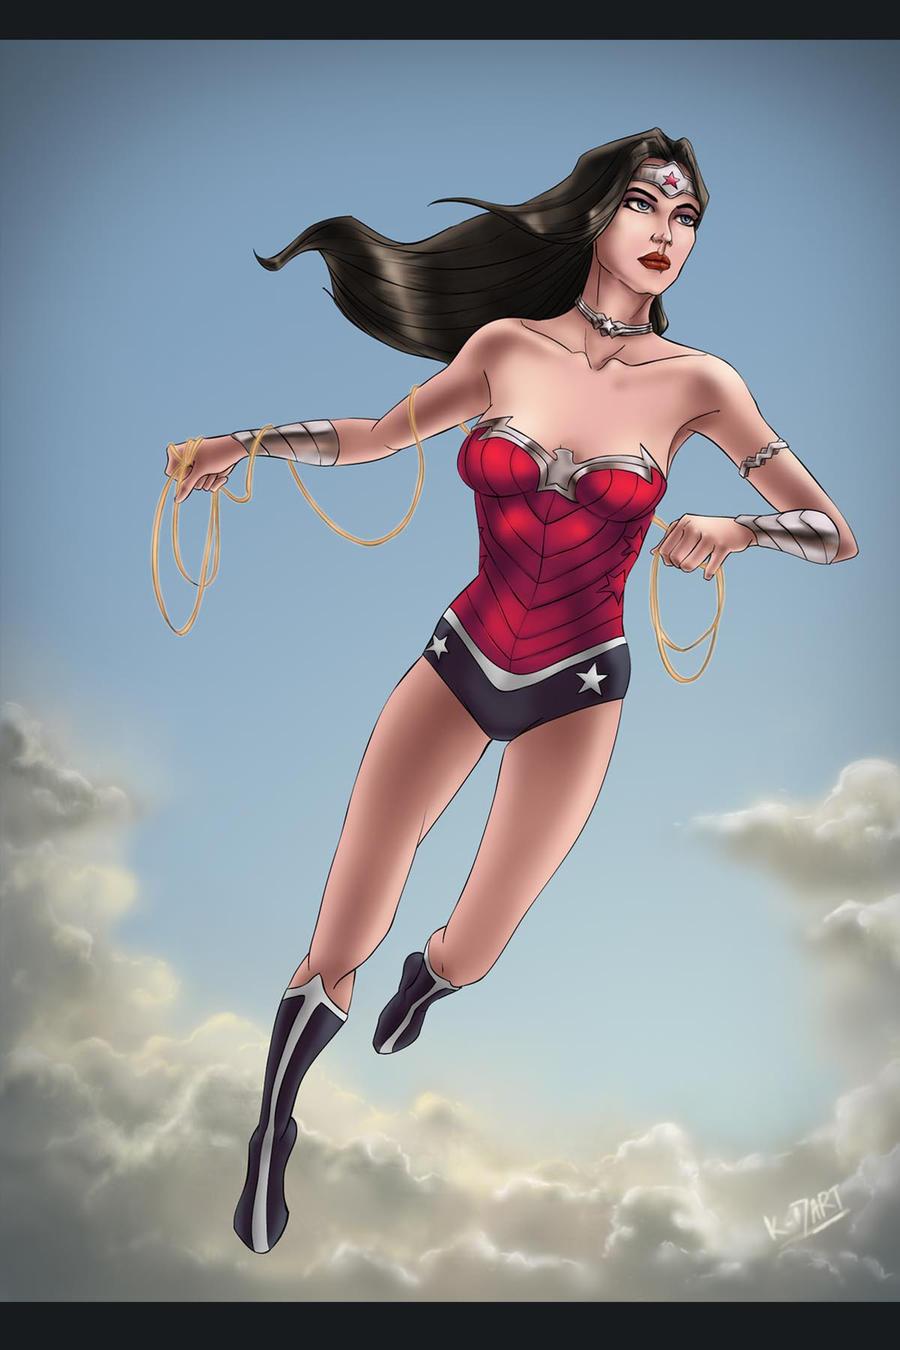 wonder woman new 52 commission fan art by k-d-art